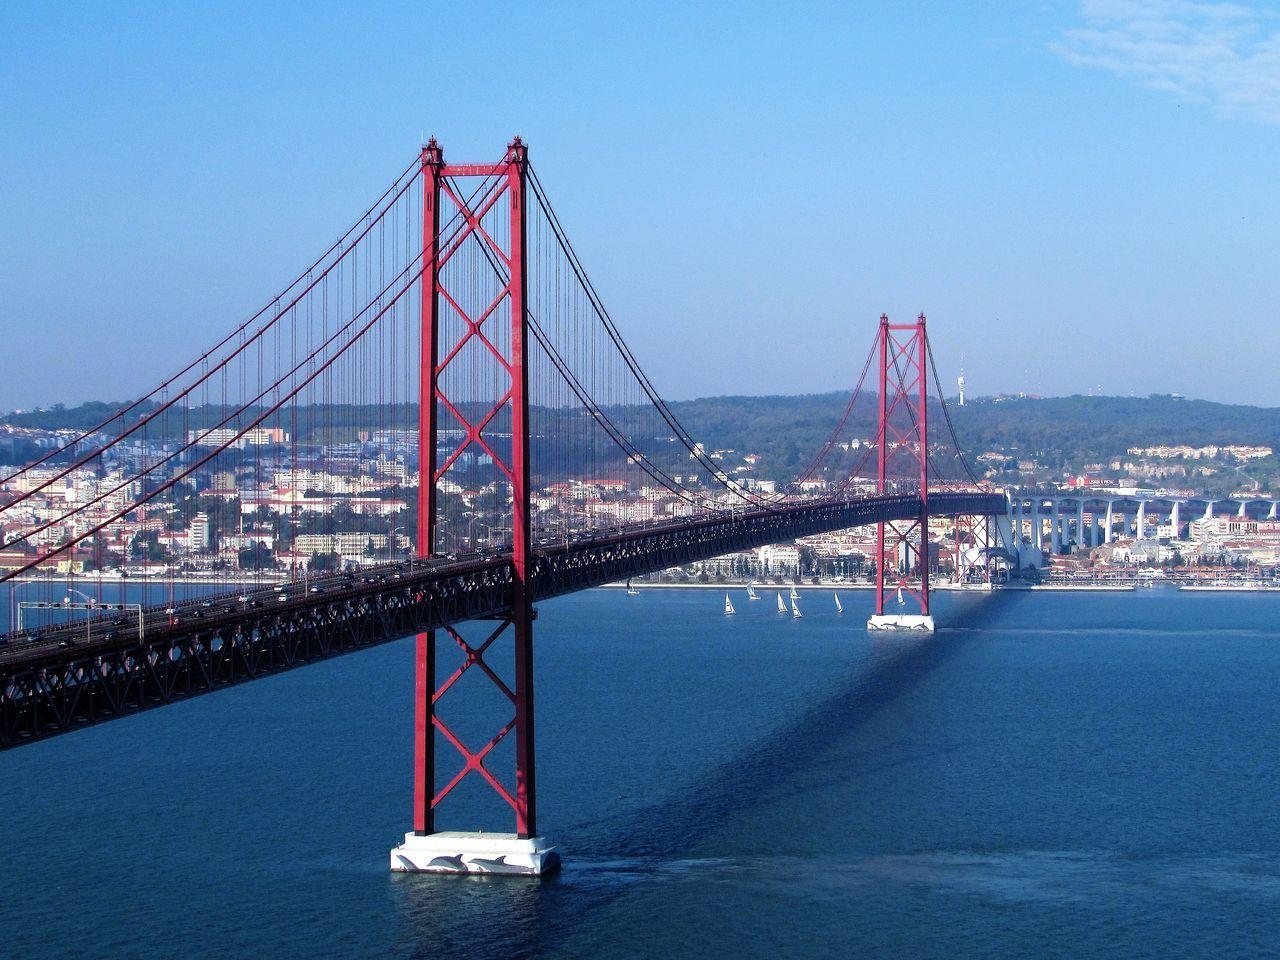 Brigde Lisboa PontesobreoTejo Portugal Rio Tejo Suspension Bridge Tejo River Tejoriver Tourism